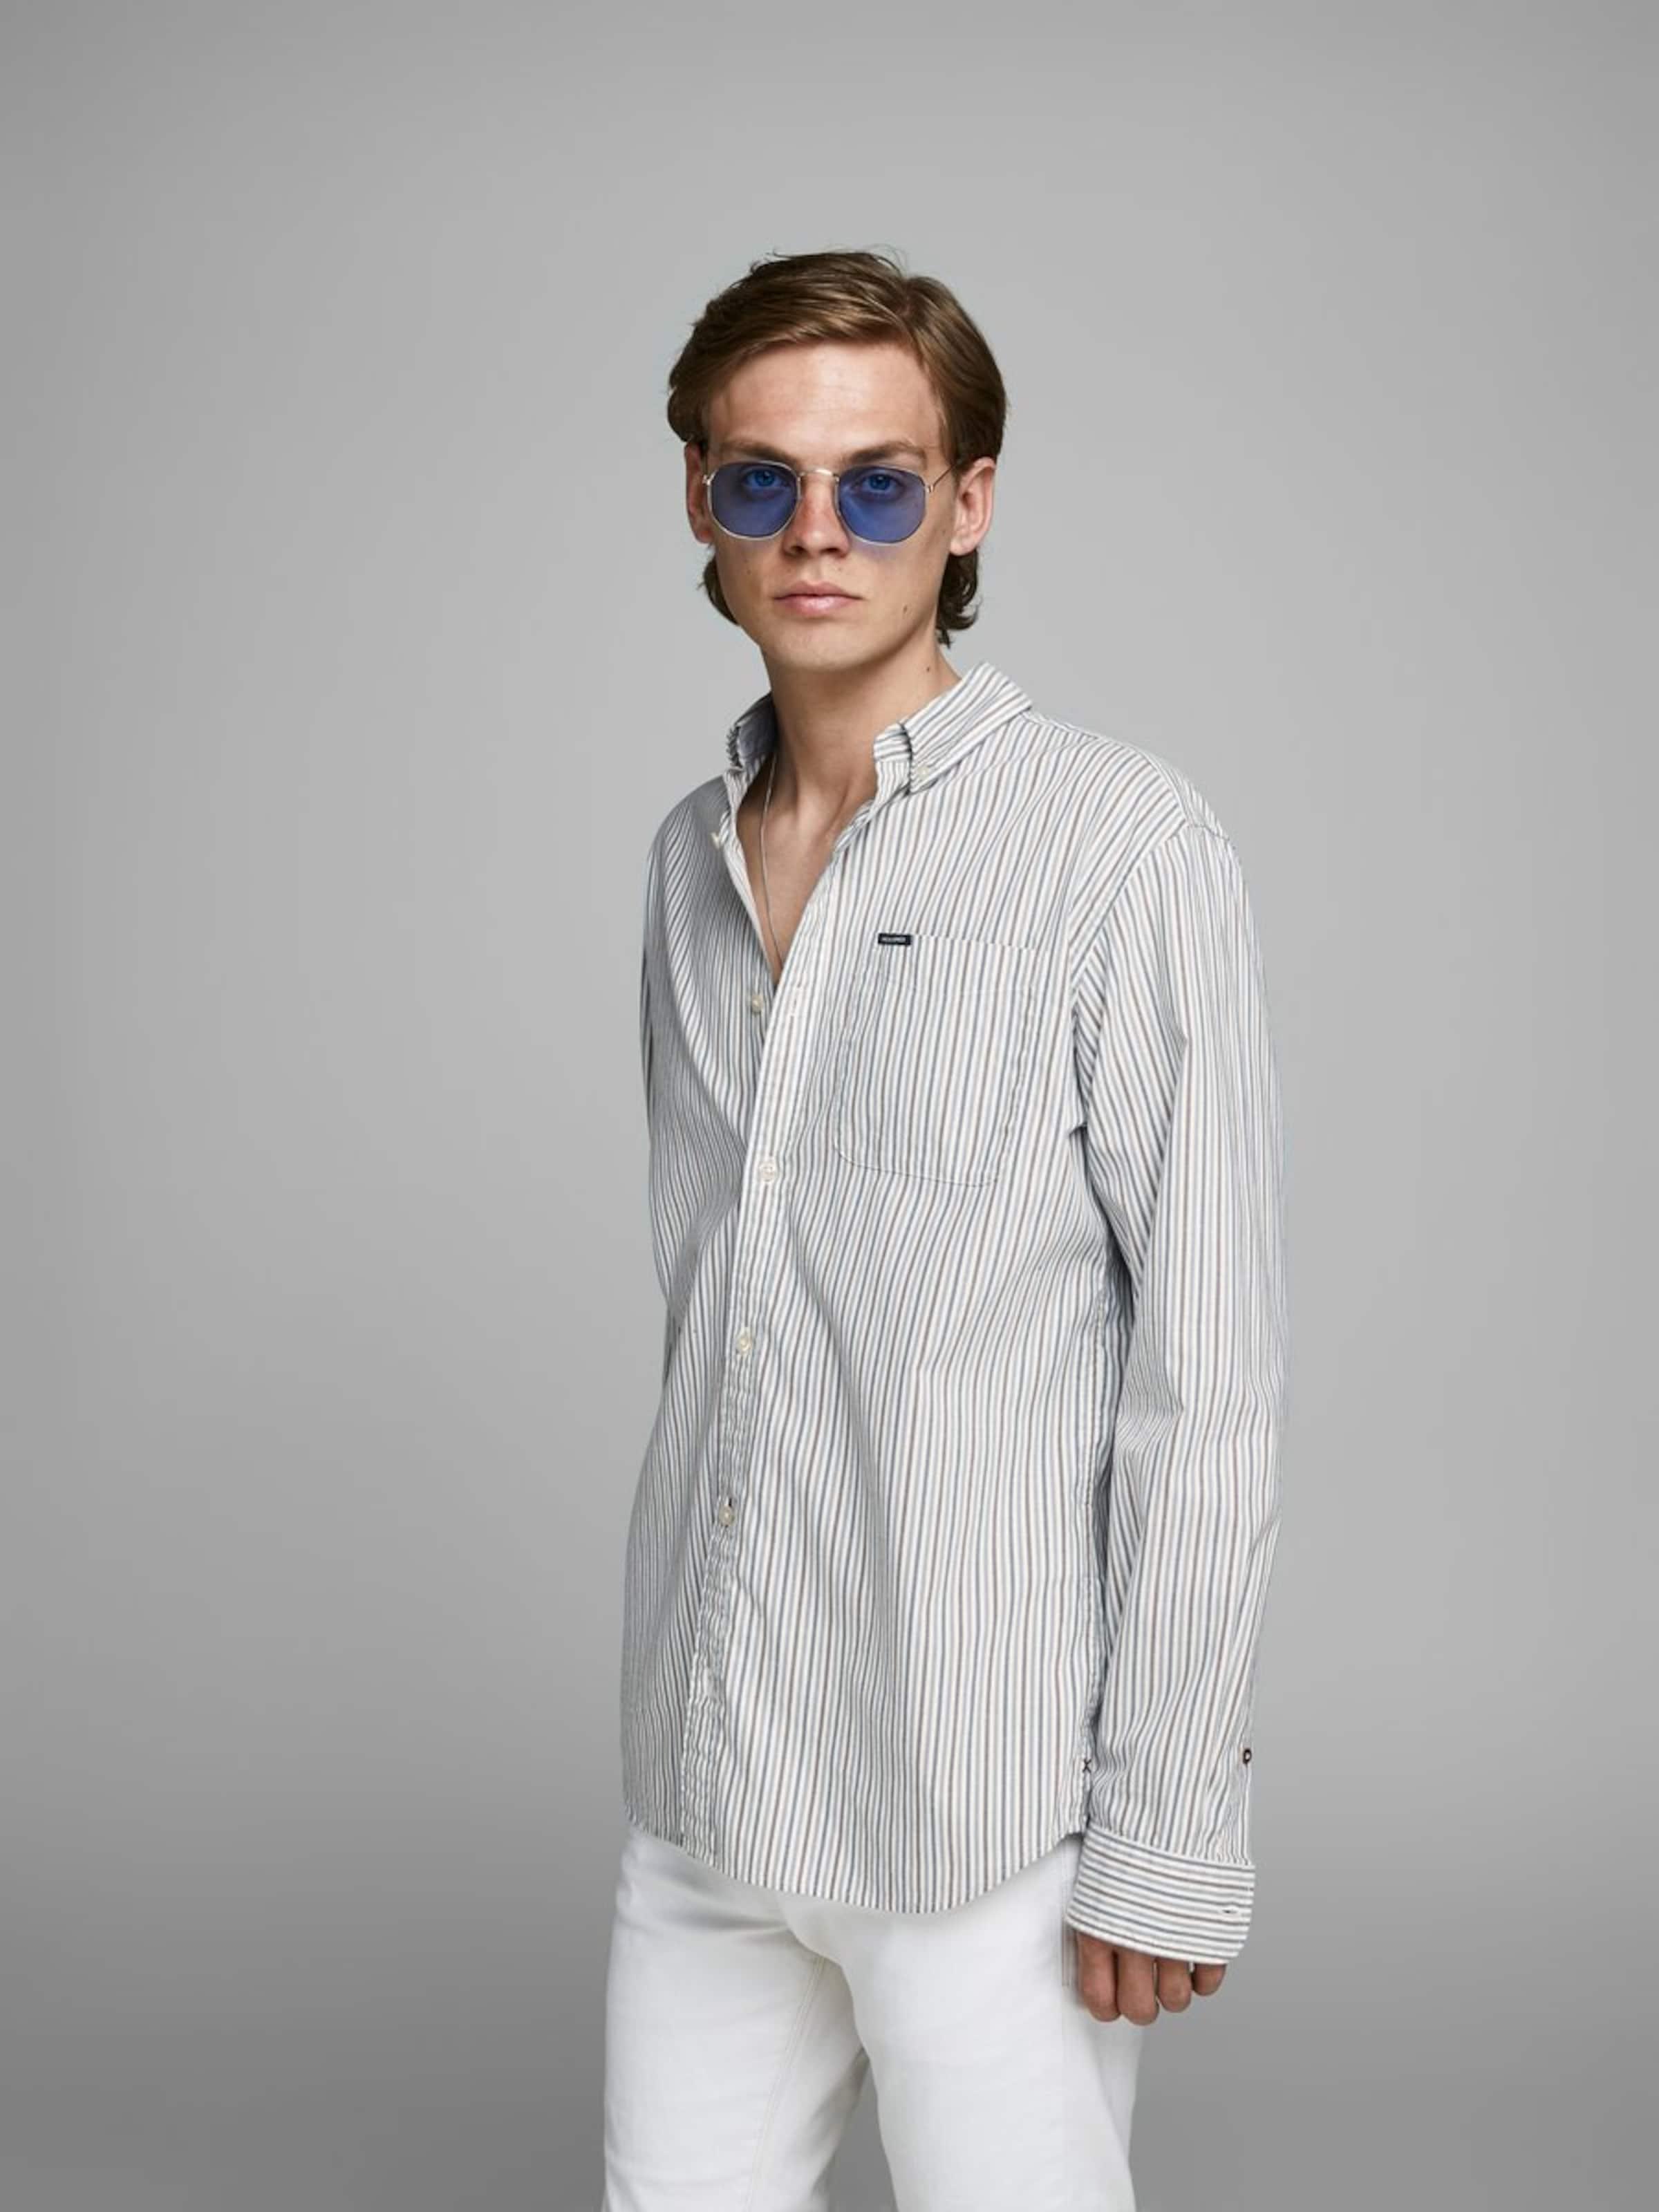 Jackamp; Offwhite BeigeGrau Hemd In Jones l15cKF3uTJ